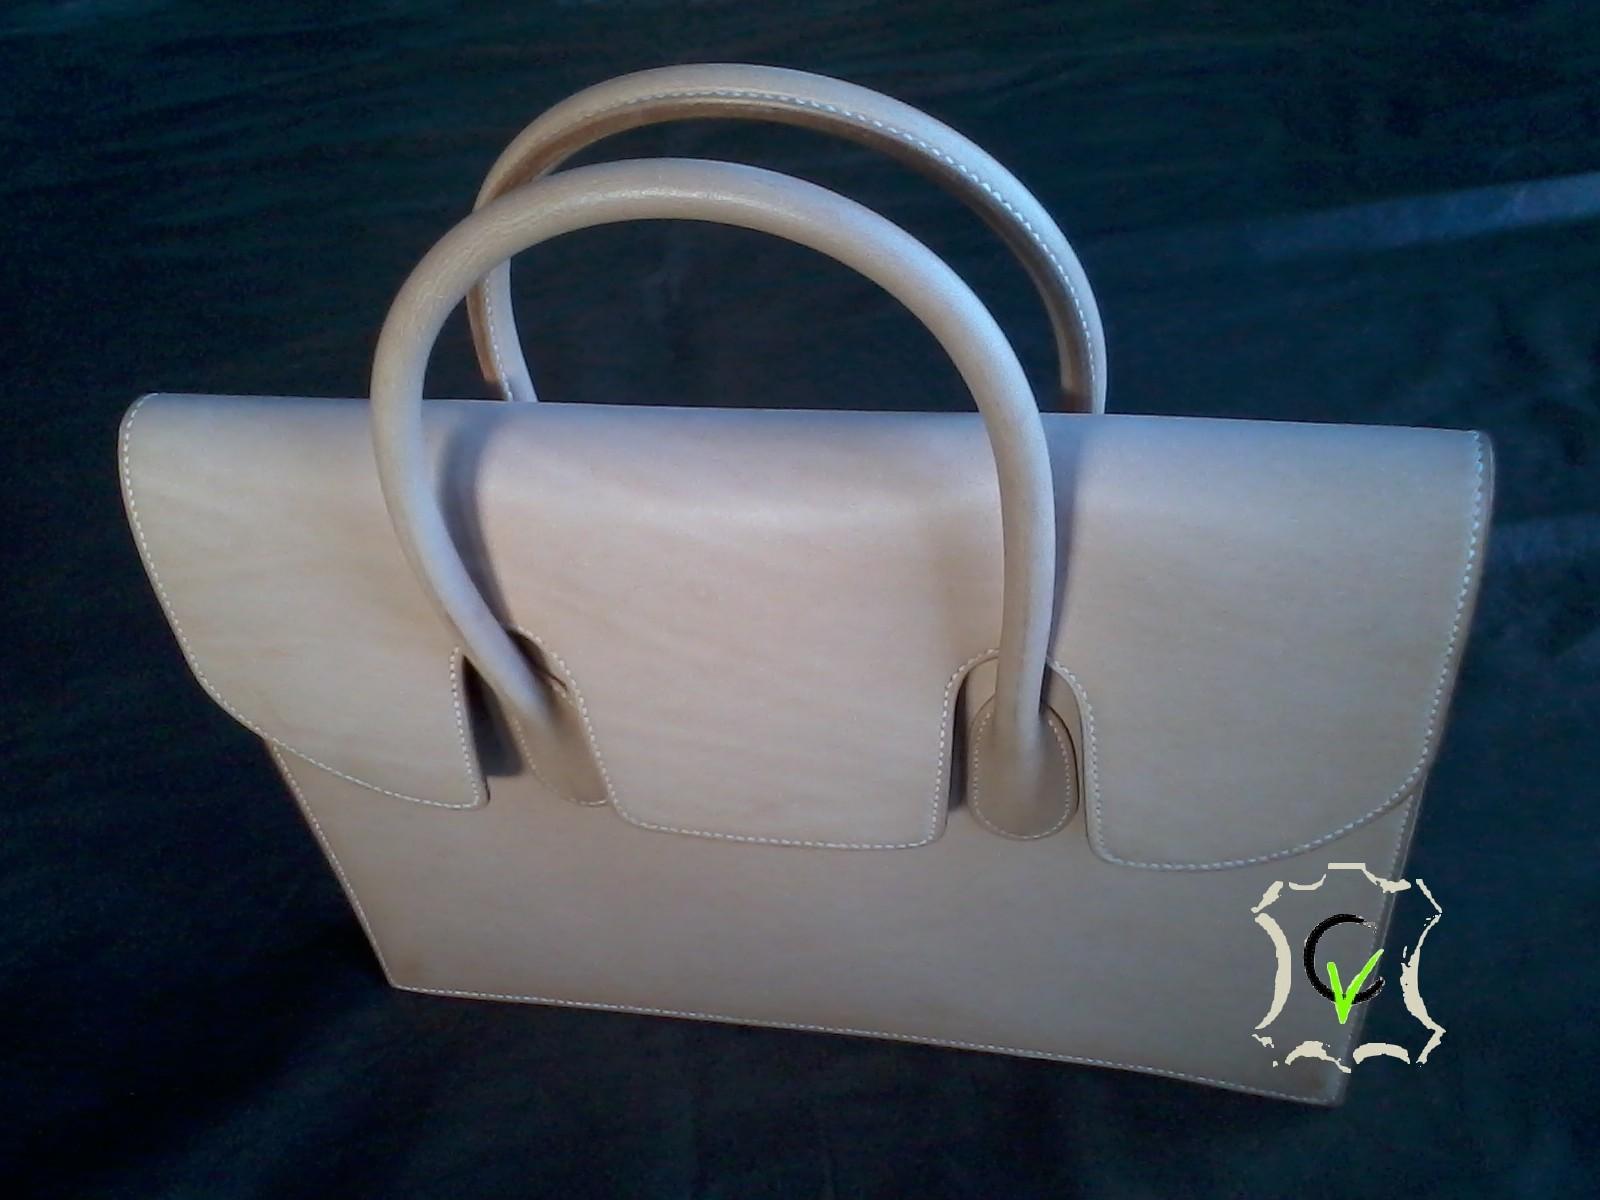 porte document en cuir tannage végétal couleur tabac doublé en mouton velours brun, cousu main avec un fil de lin blanc